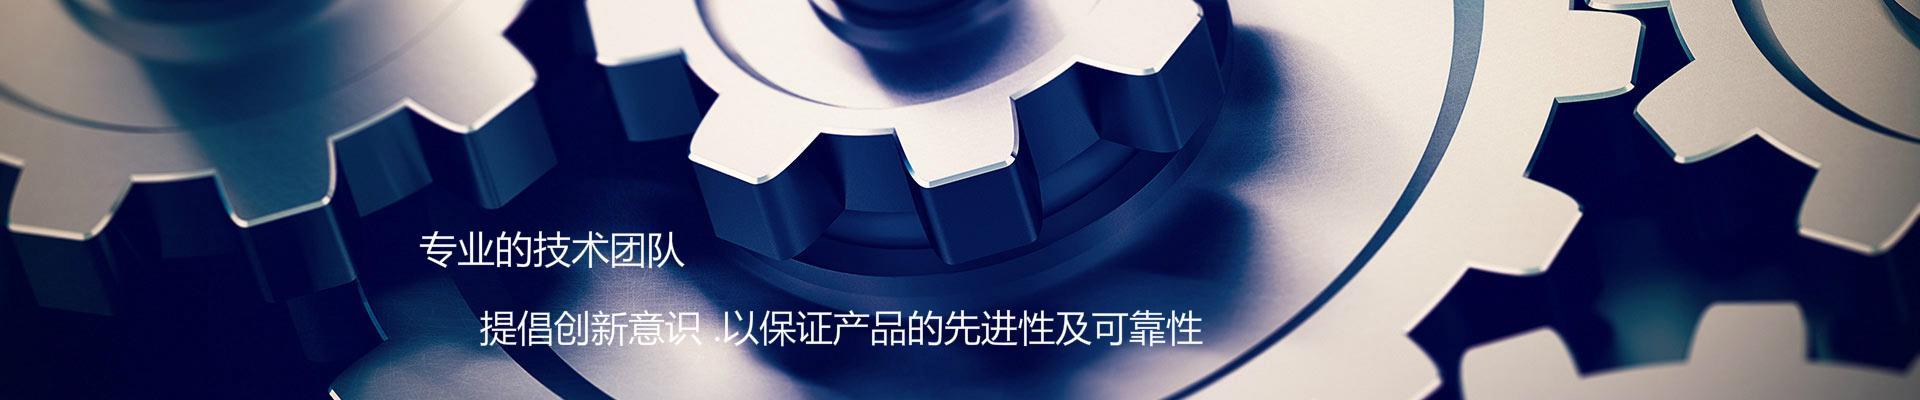 广州市荣耀装饰家私建材有限公司